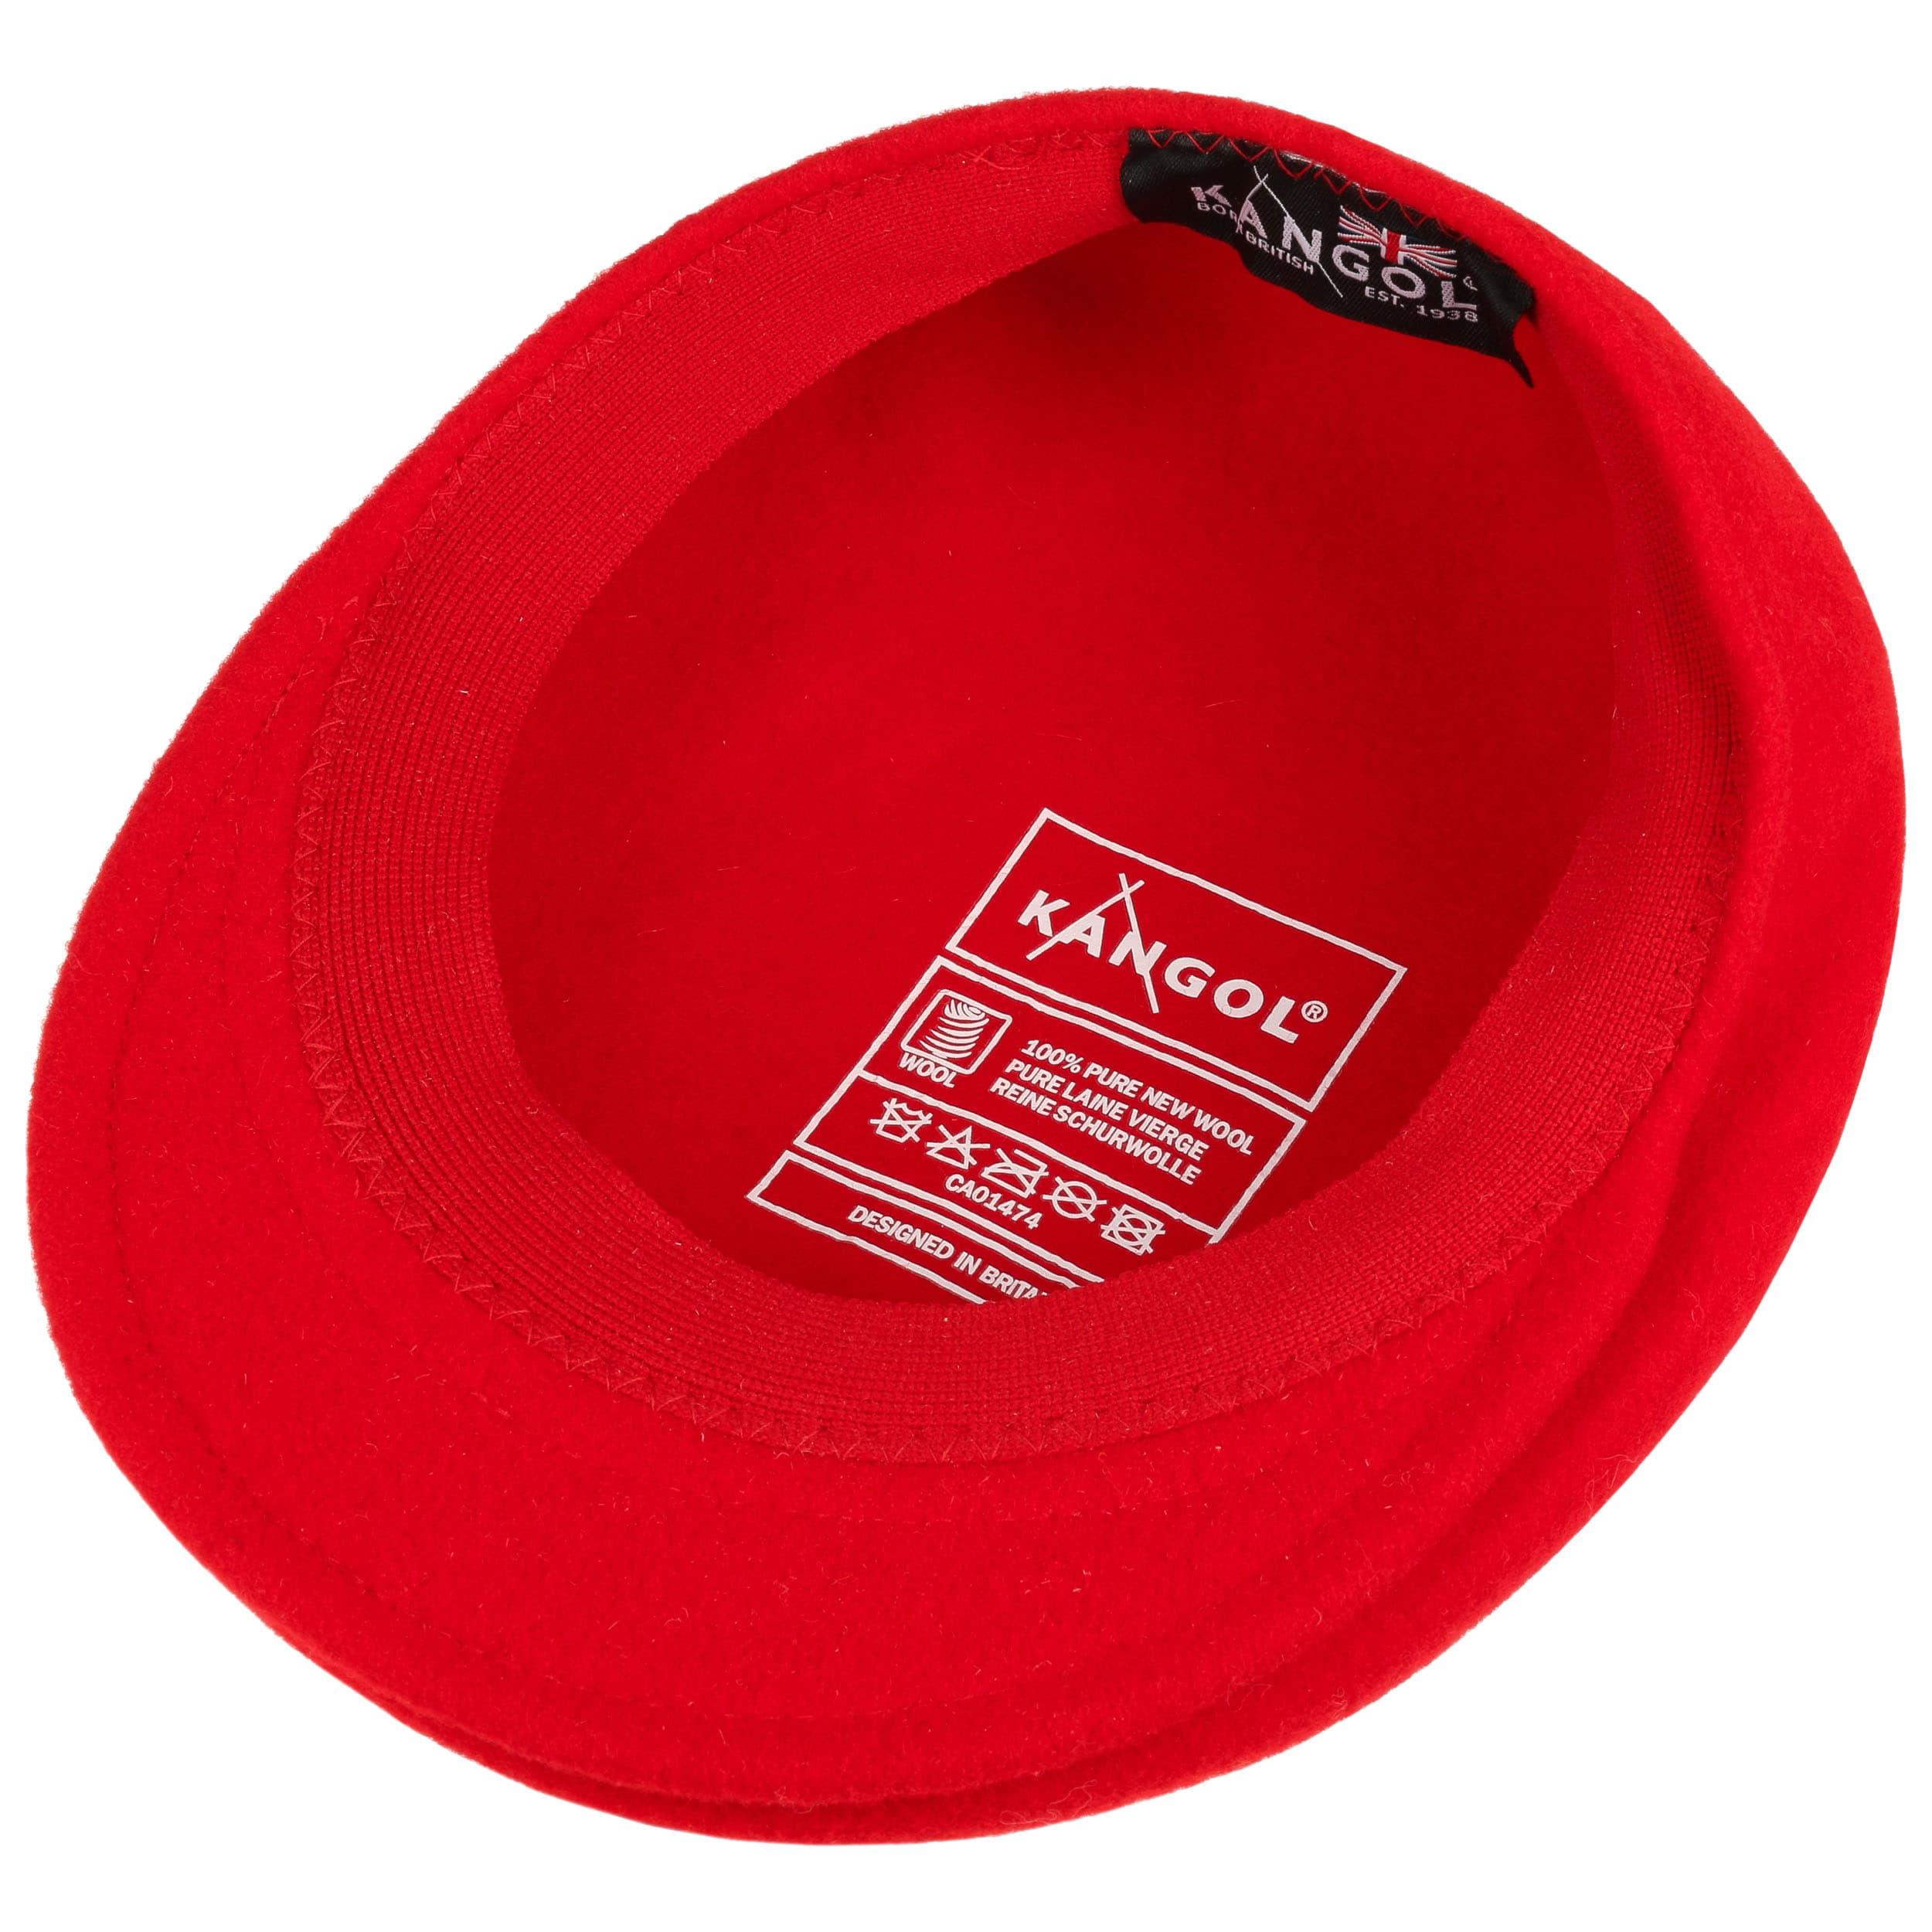 Gorra 504 by Kangol - Gorras - sombreroshop.es c99d8e9c42b